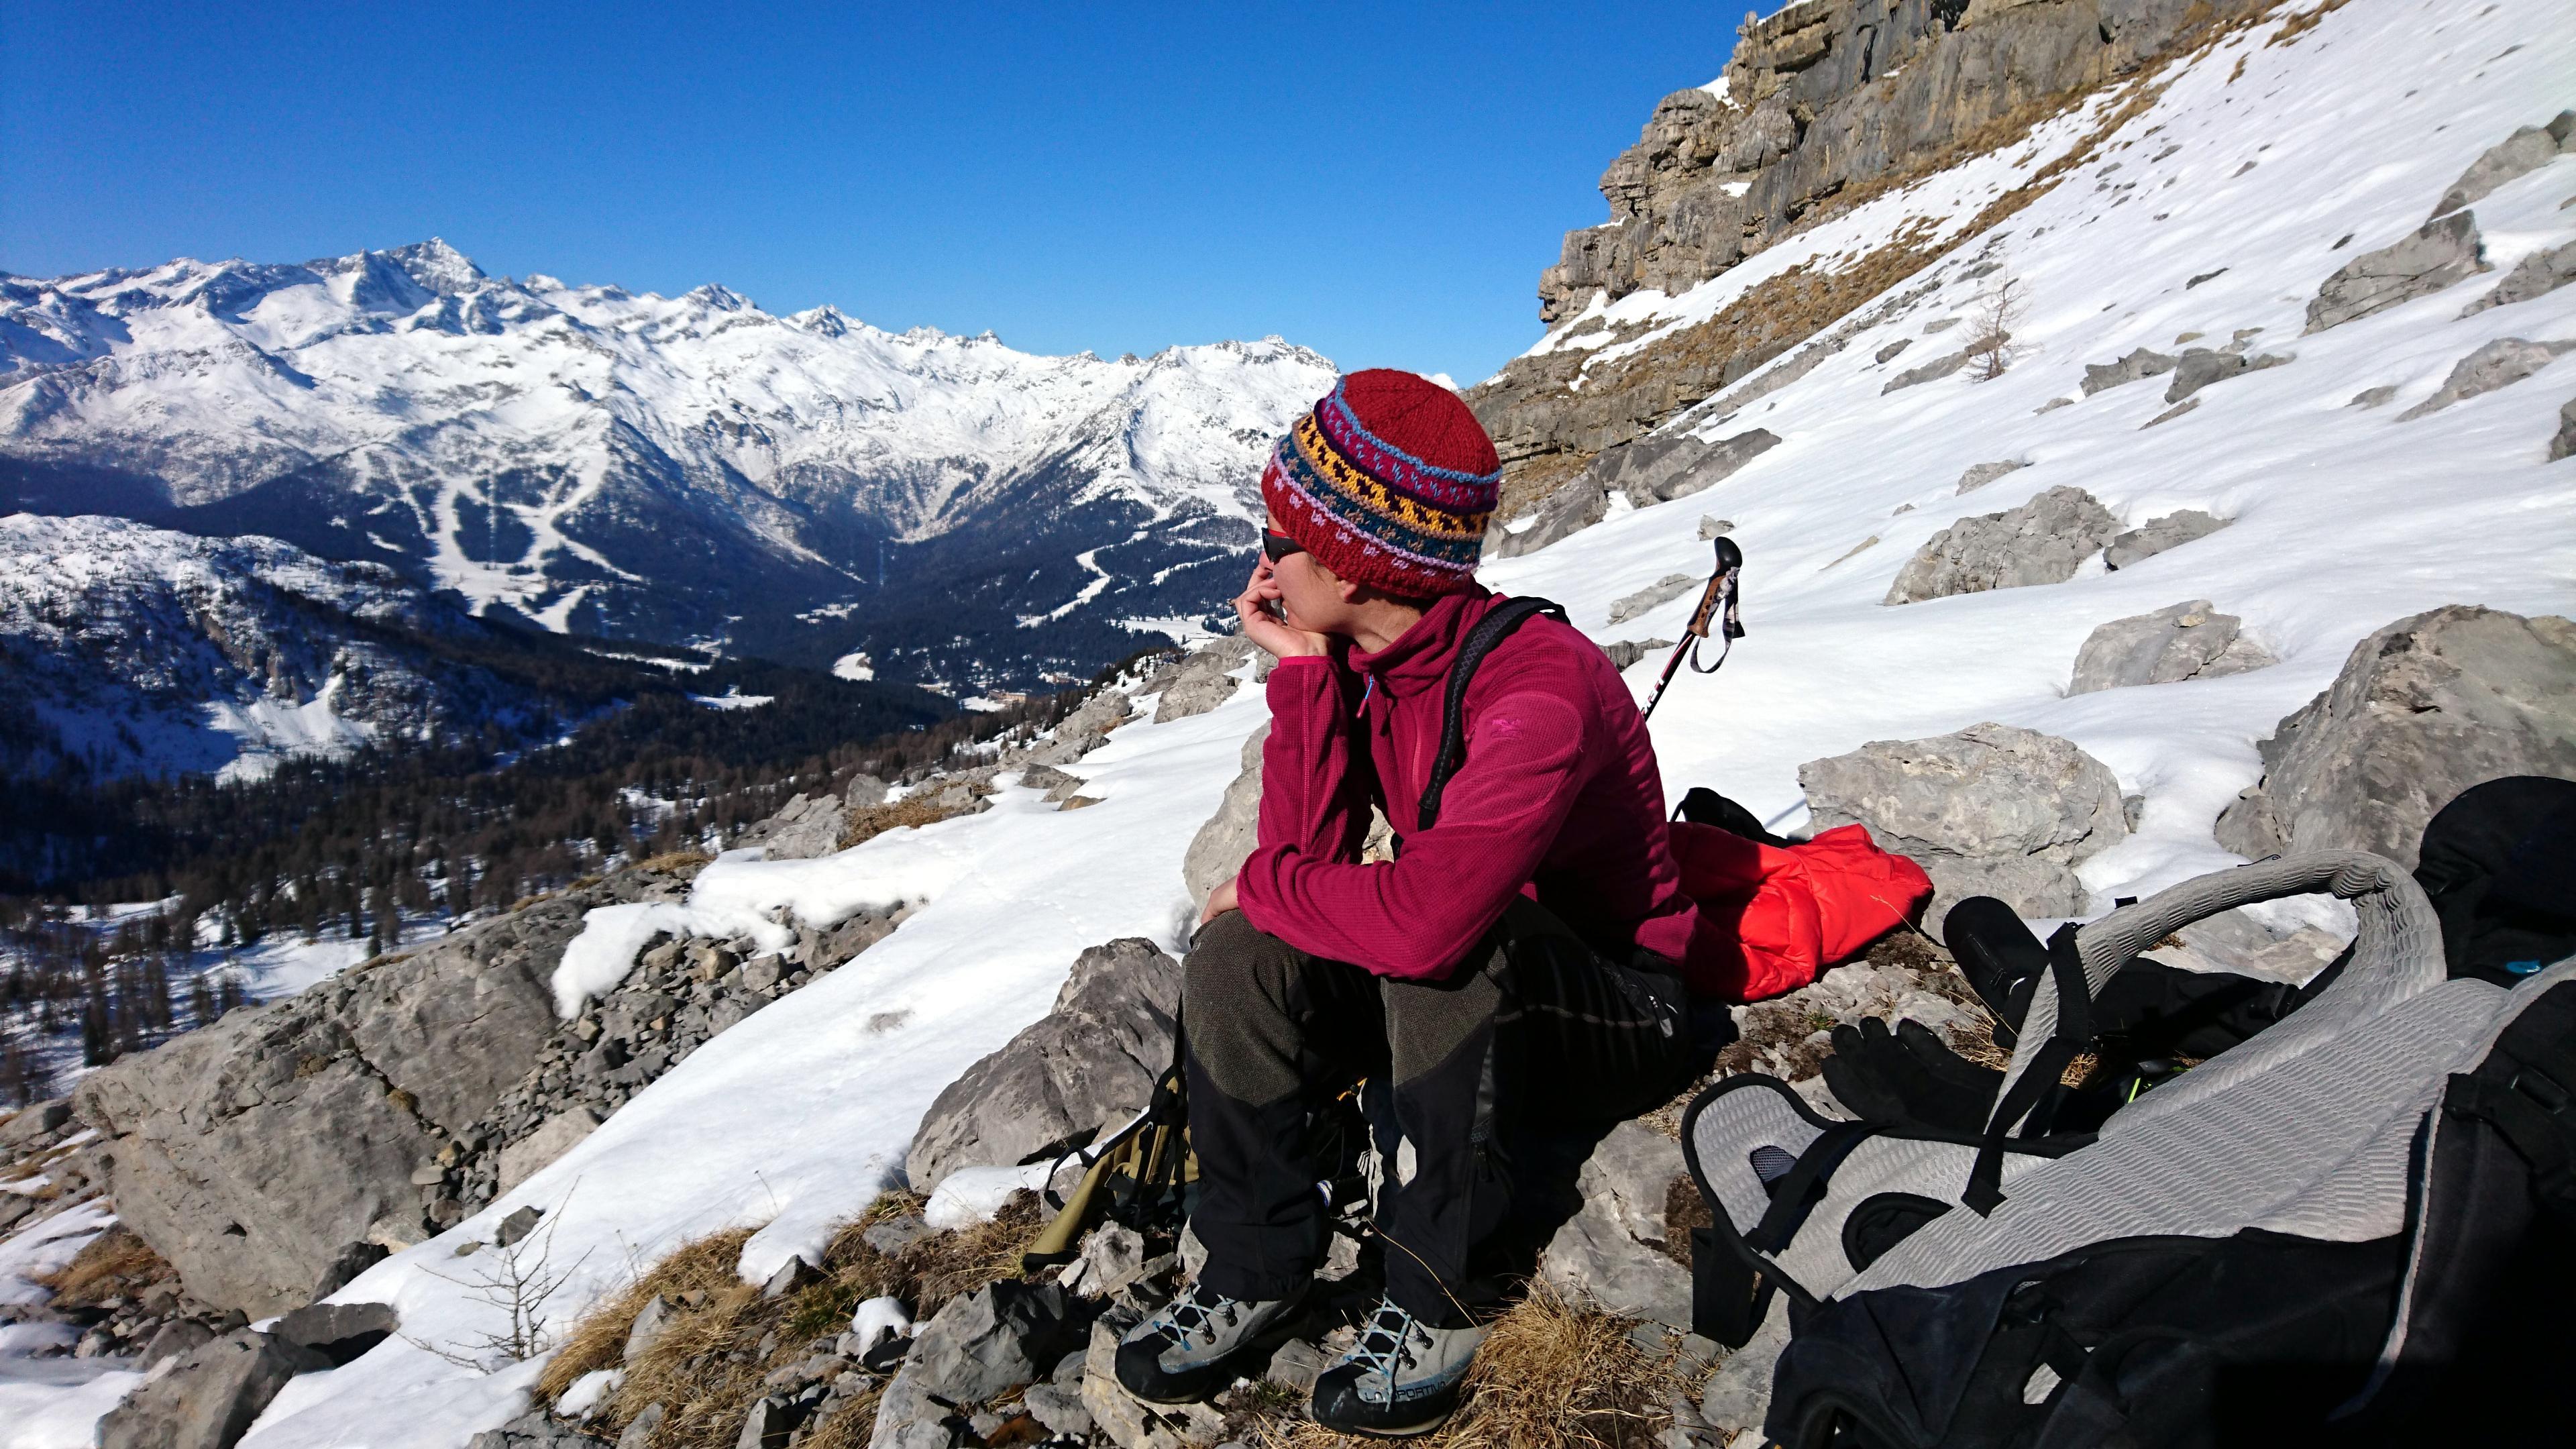 Erica riposa 5 minuti e si gode lo splendido paesaggio dal primo pianone